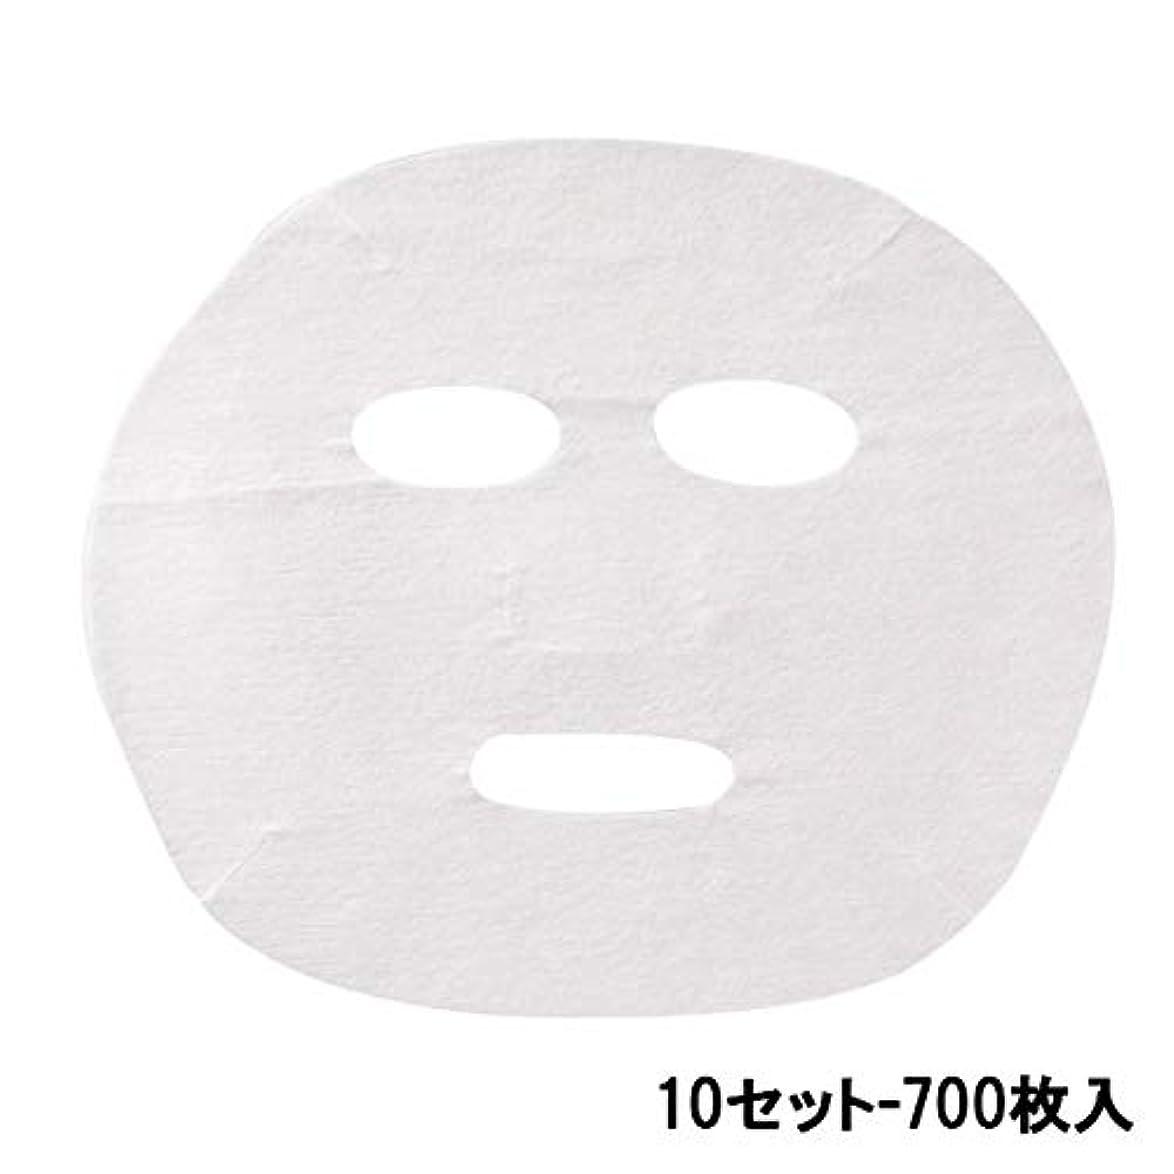 英語の授業がありますお手伝いさん無関心フェイシャルシート (薄手タイプ) 70枚入 22.5×18.5cm (10セット-700枚入) [ フェイスマスク フェイスシート フェイスパック フェイシャルマスク フェイシャルパック ローションマスク ローションパック...